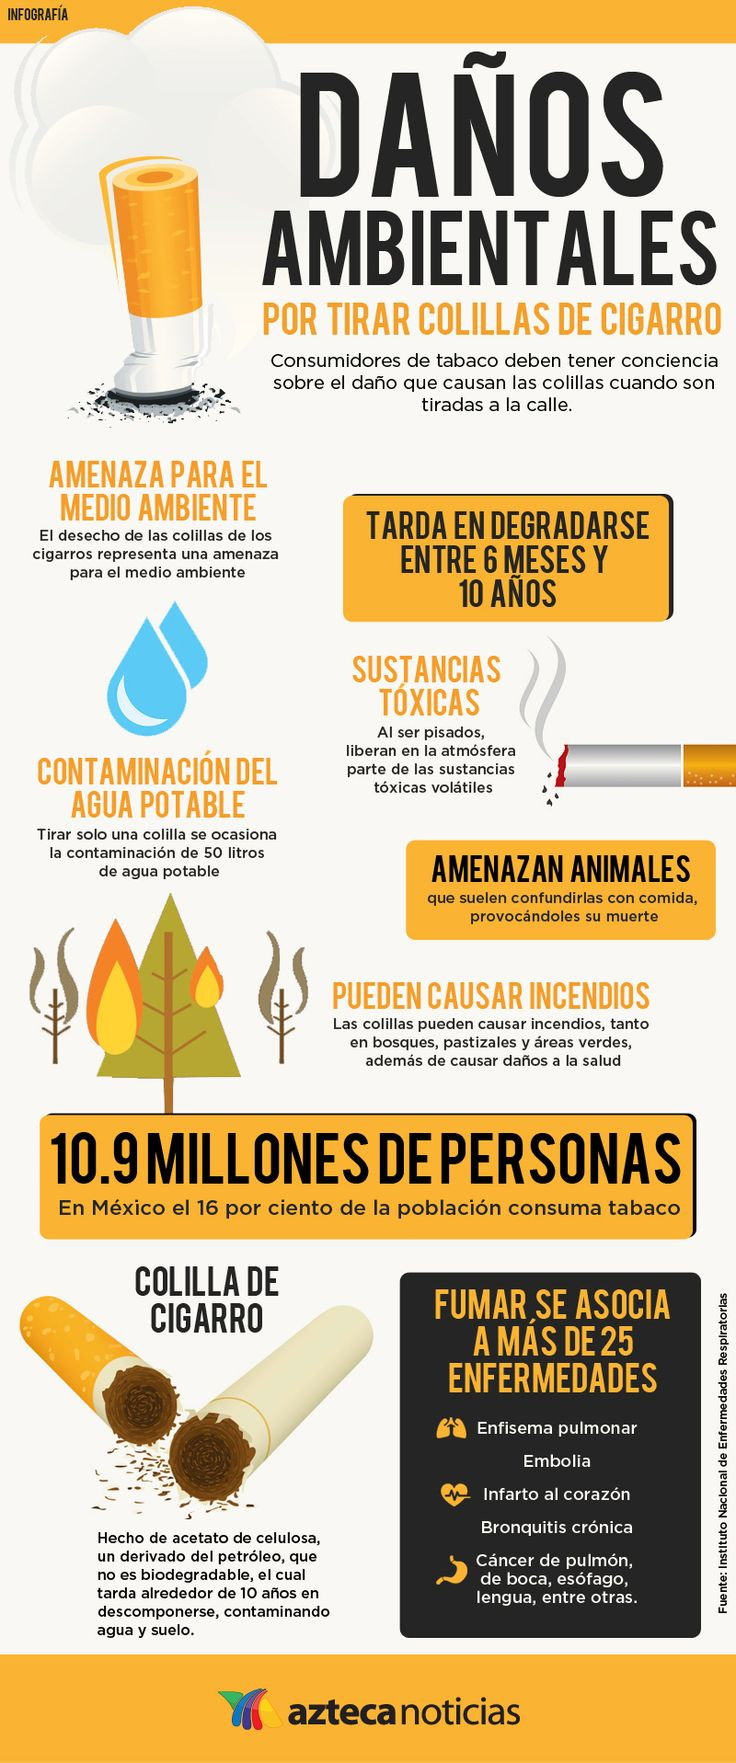 Daños ambientales por tirar colillas de cigarro #infografia